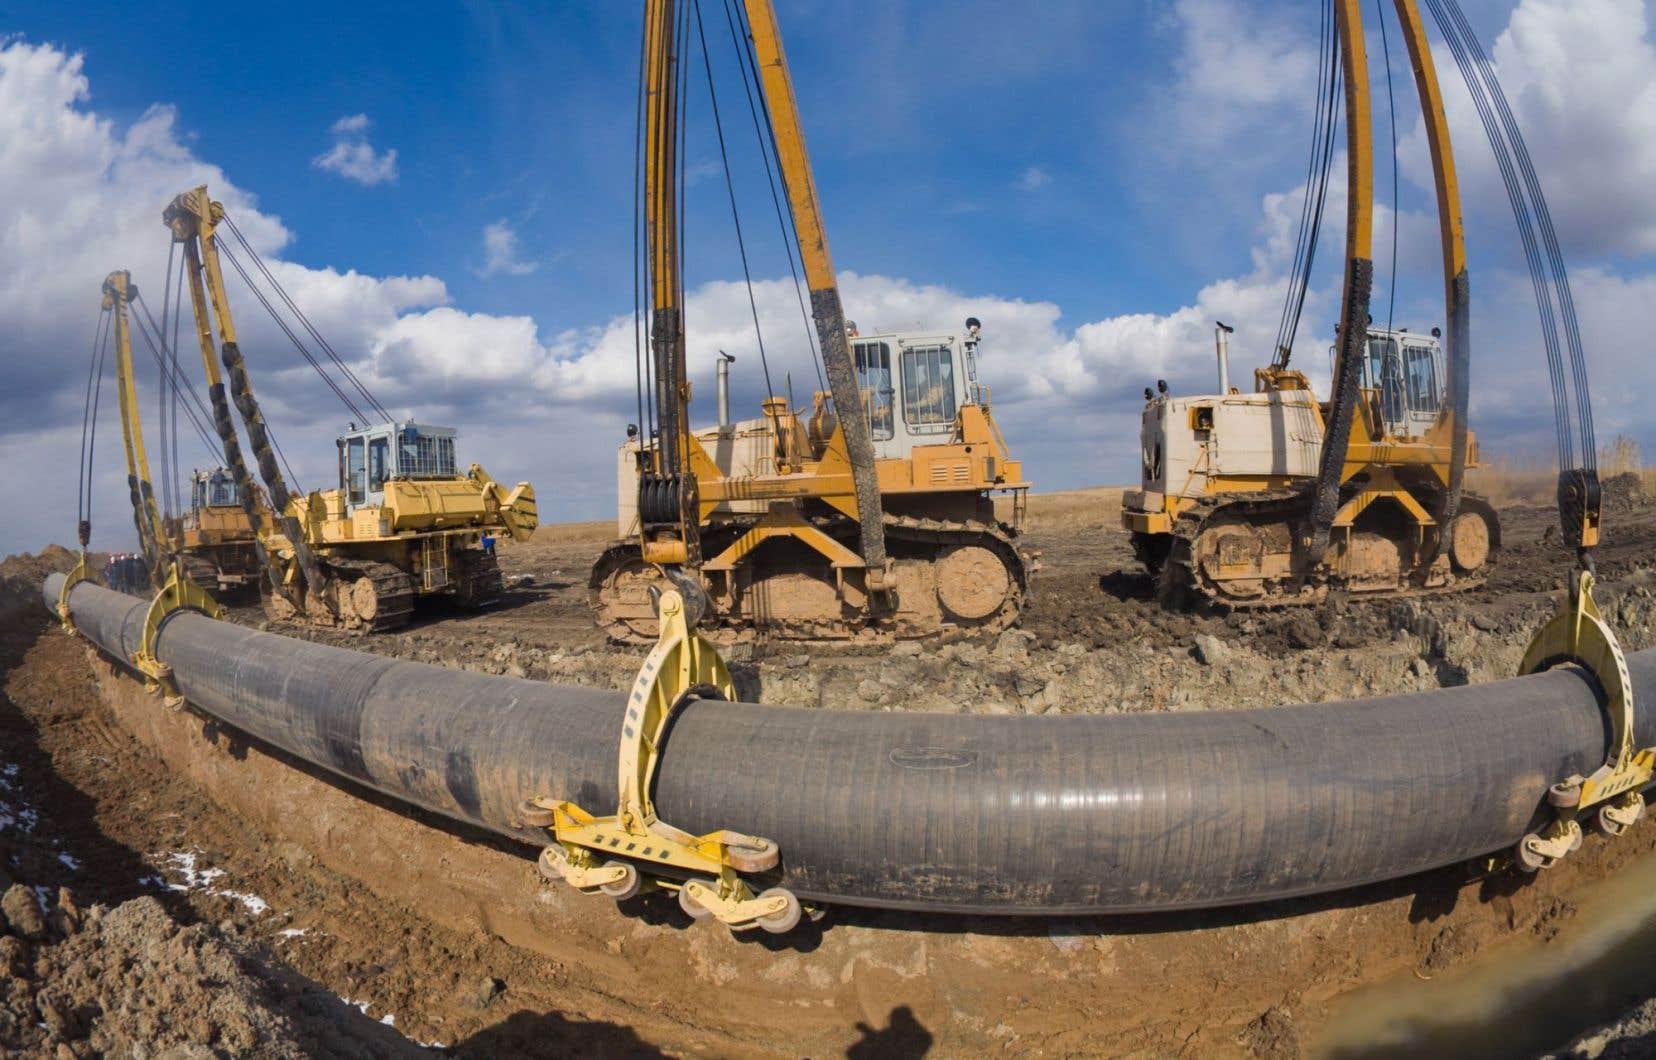 Les Canadiens sont plus susceptibles de s'opposer à la construction de l'oléoduc Keystone XL (44 %) que de la soutenir (36 %), tandis que 20 % se disent neutres.